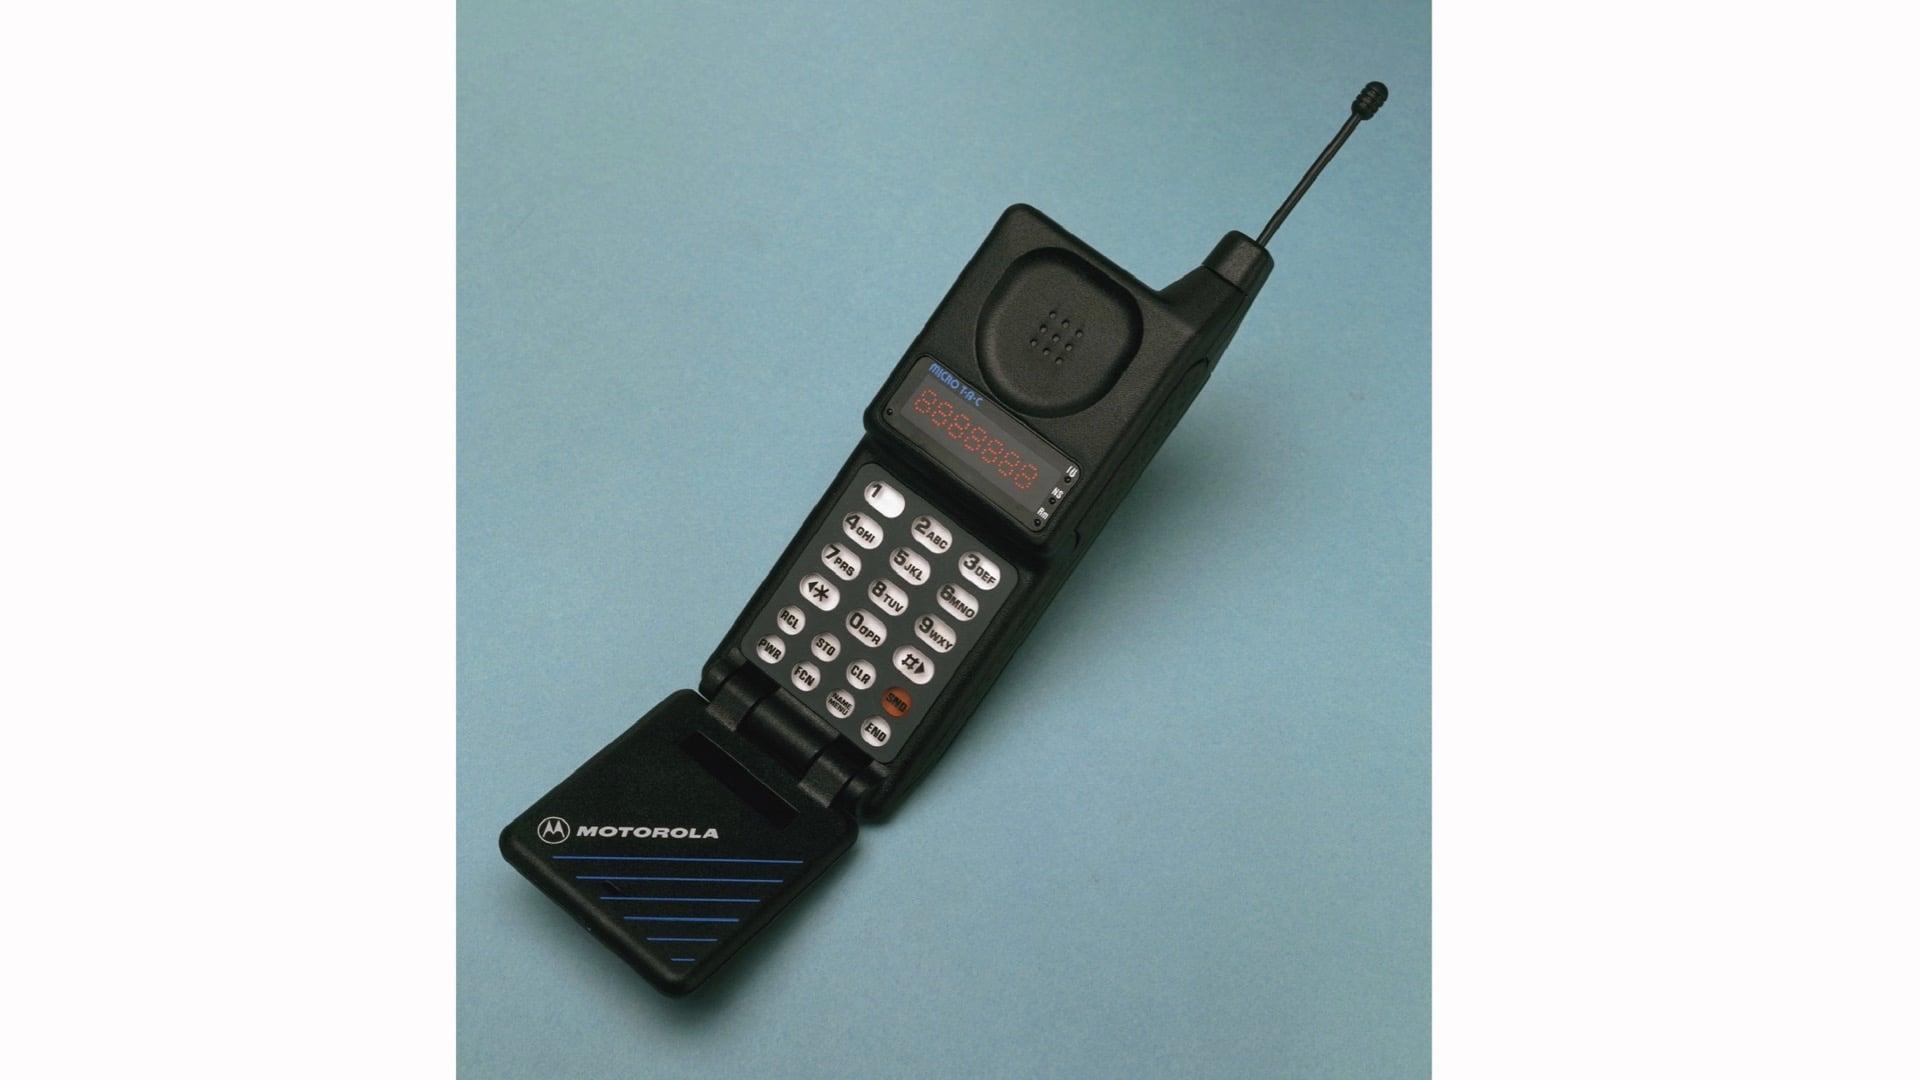 Motorola MicroTAC flip phone